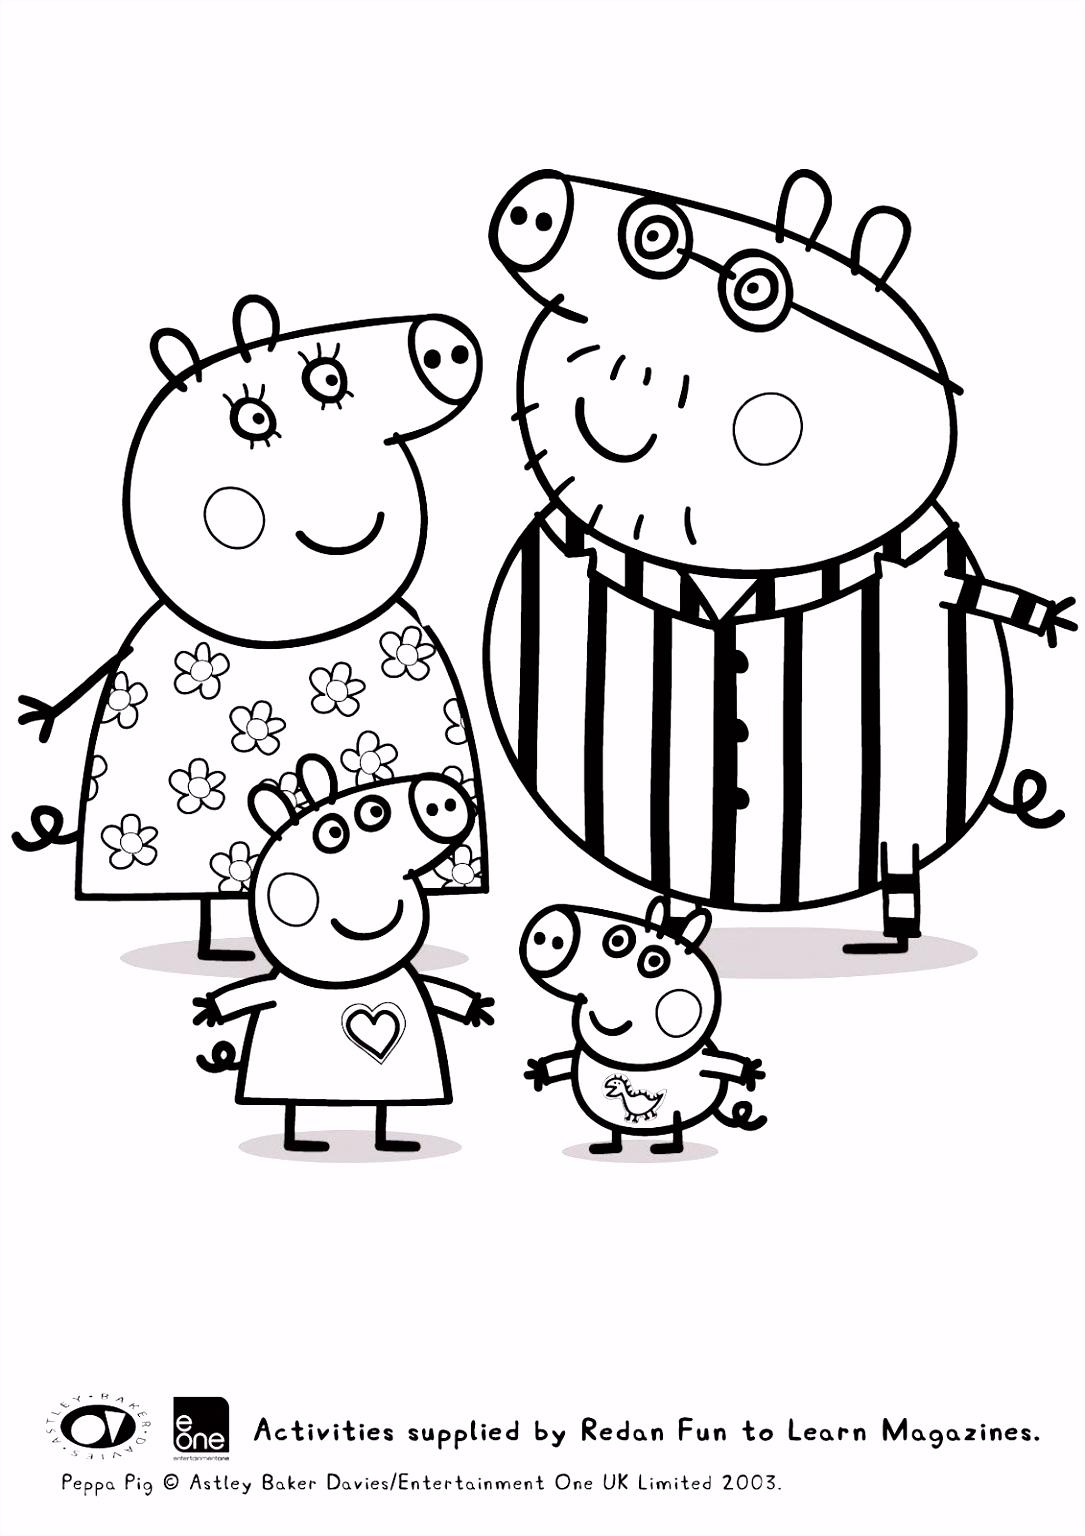 Kleurplaten Uki Peppe Pig Video – Lernspiele Färbung Bilder Malvorlage Peppa Wutz S3ee88nlf4 U5ewm2fcfs